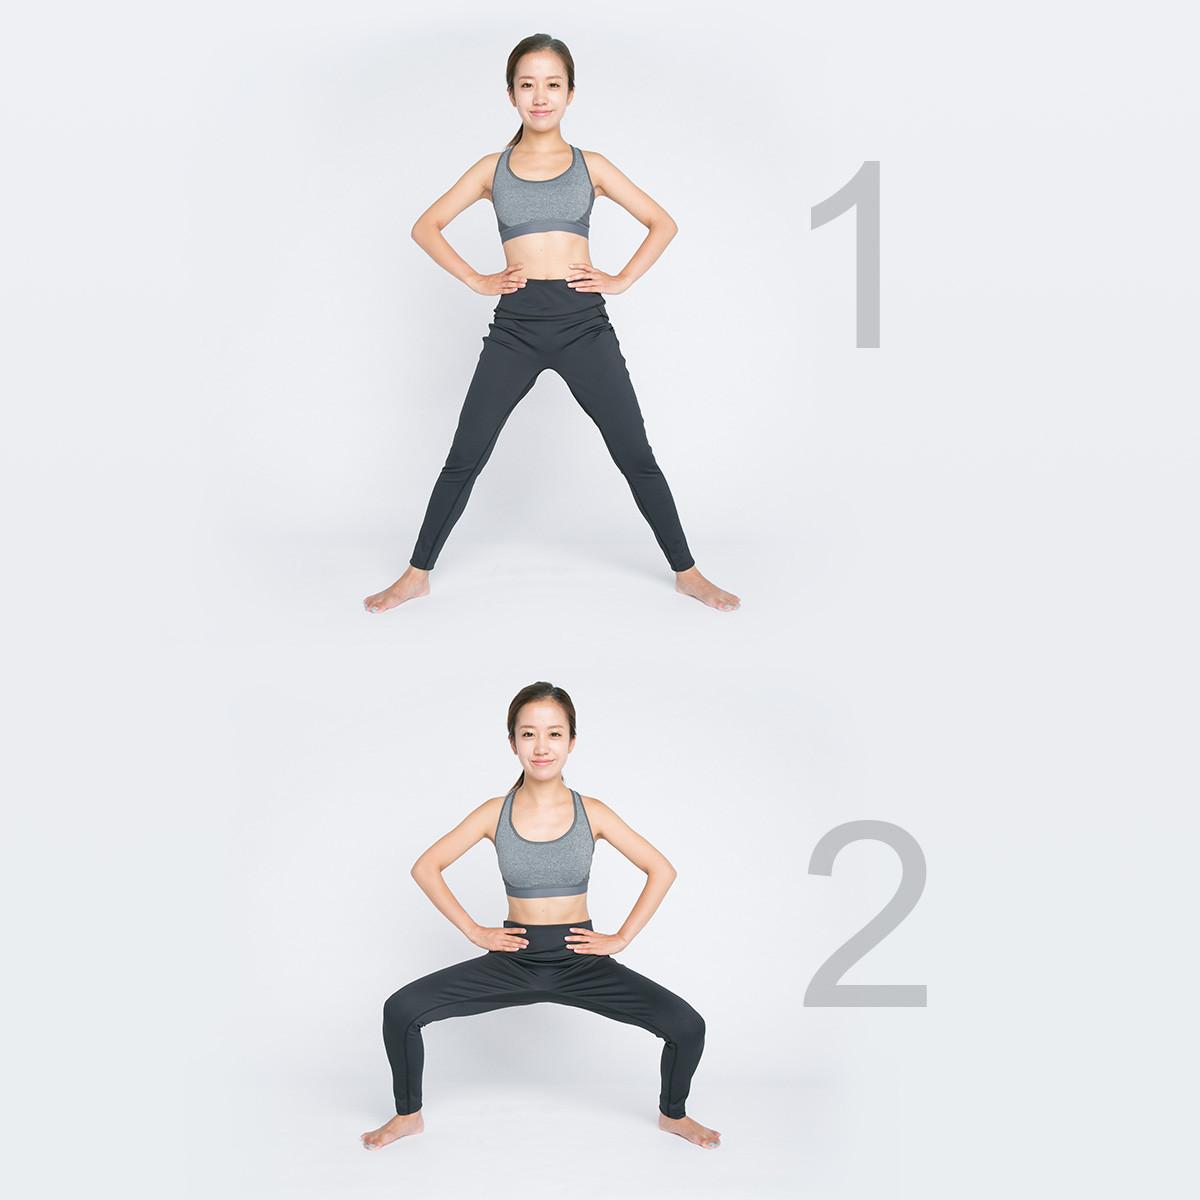 ポッコリお腹やむくみを改善!内もも、ヒップ、下腹部の筋力UP【美腸エクササイズLesson3】_1_1